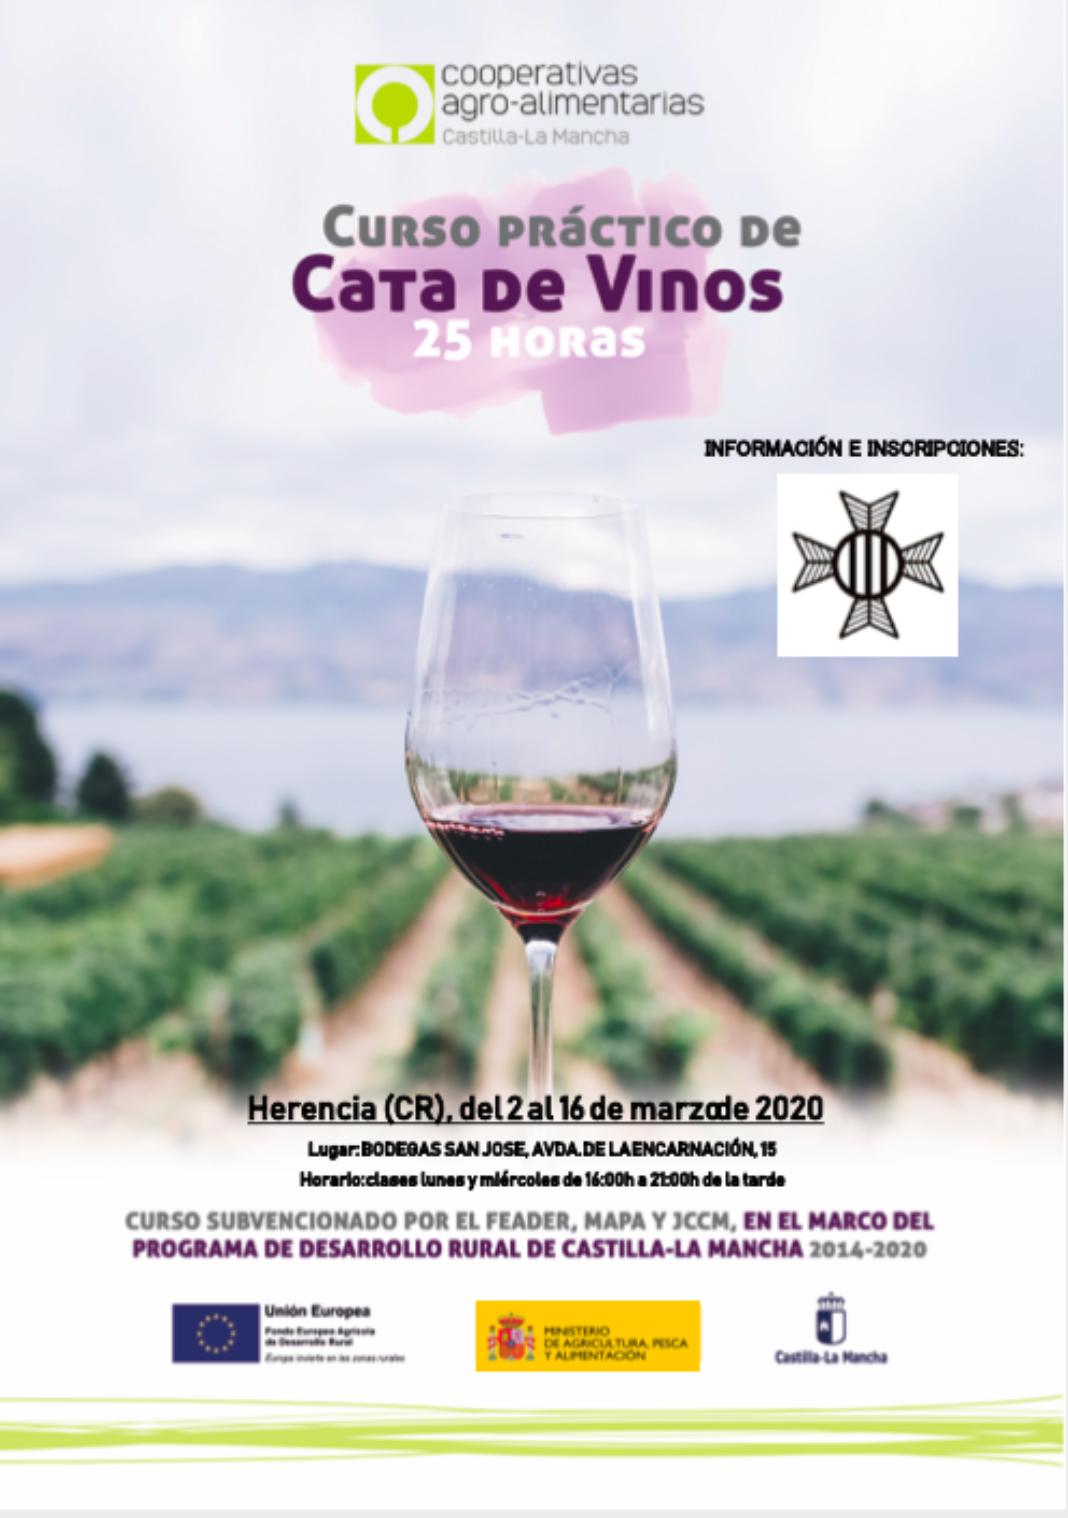 Cata de vinos. Herencia 2 16marzo 030220 1068x1518 - Curso práctico de cata de vinos en la cooperativa San José